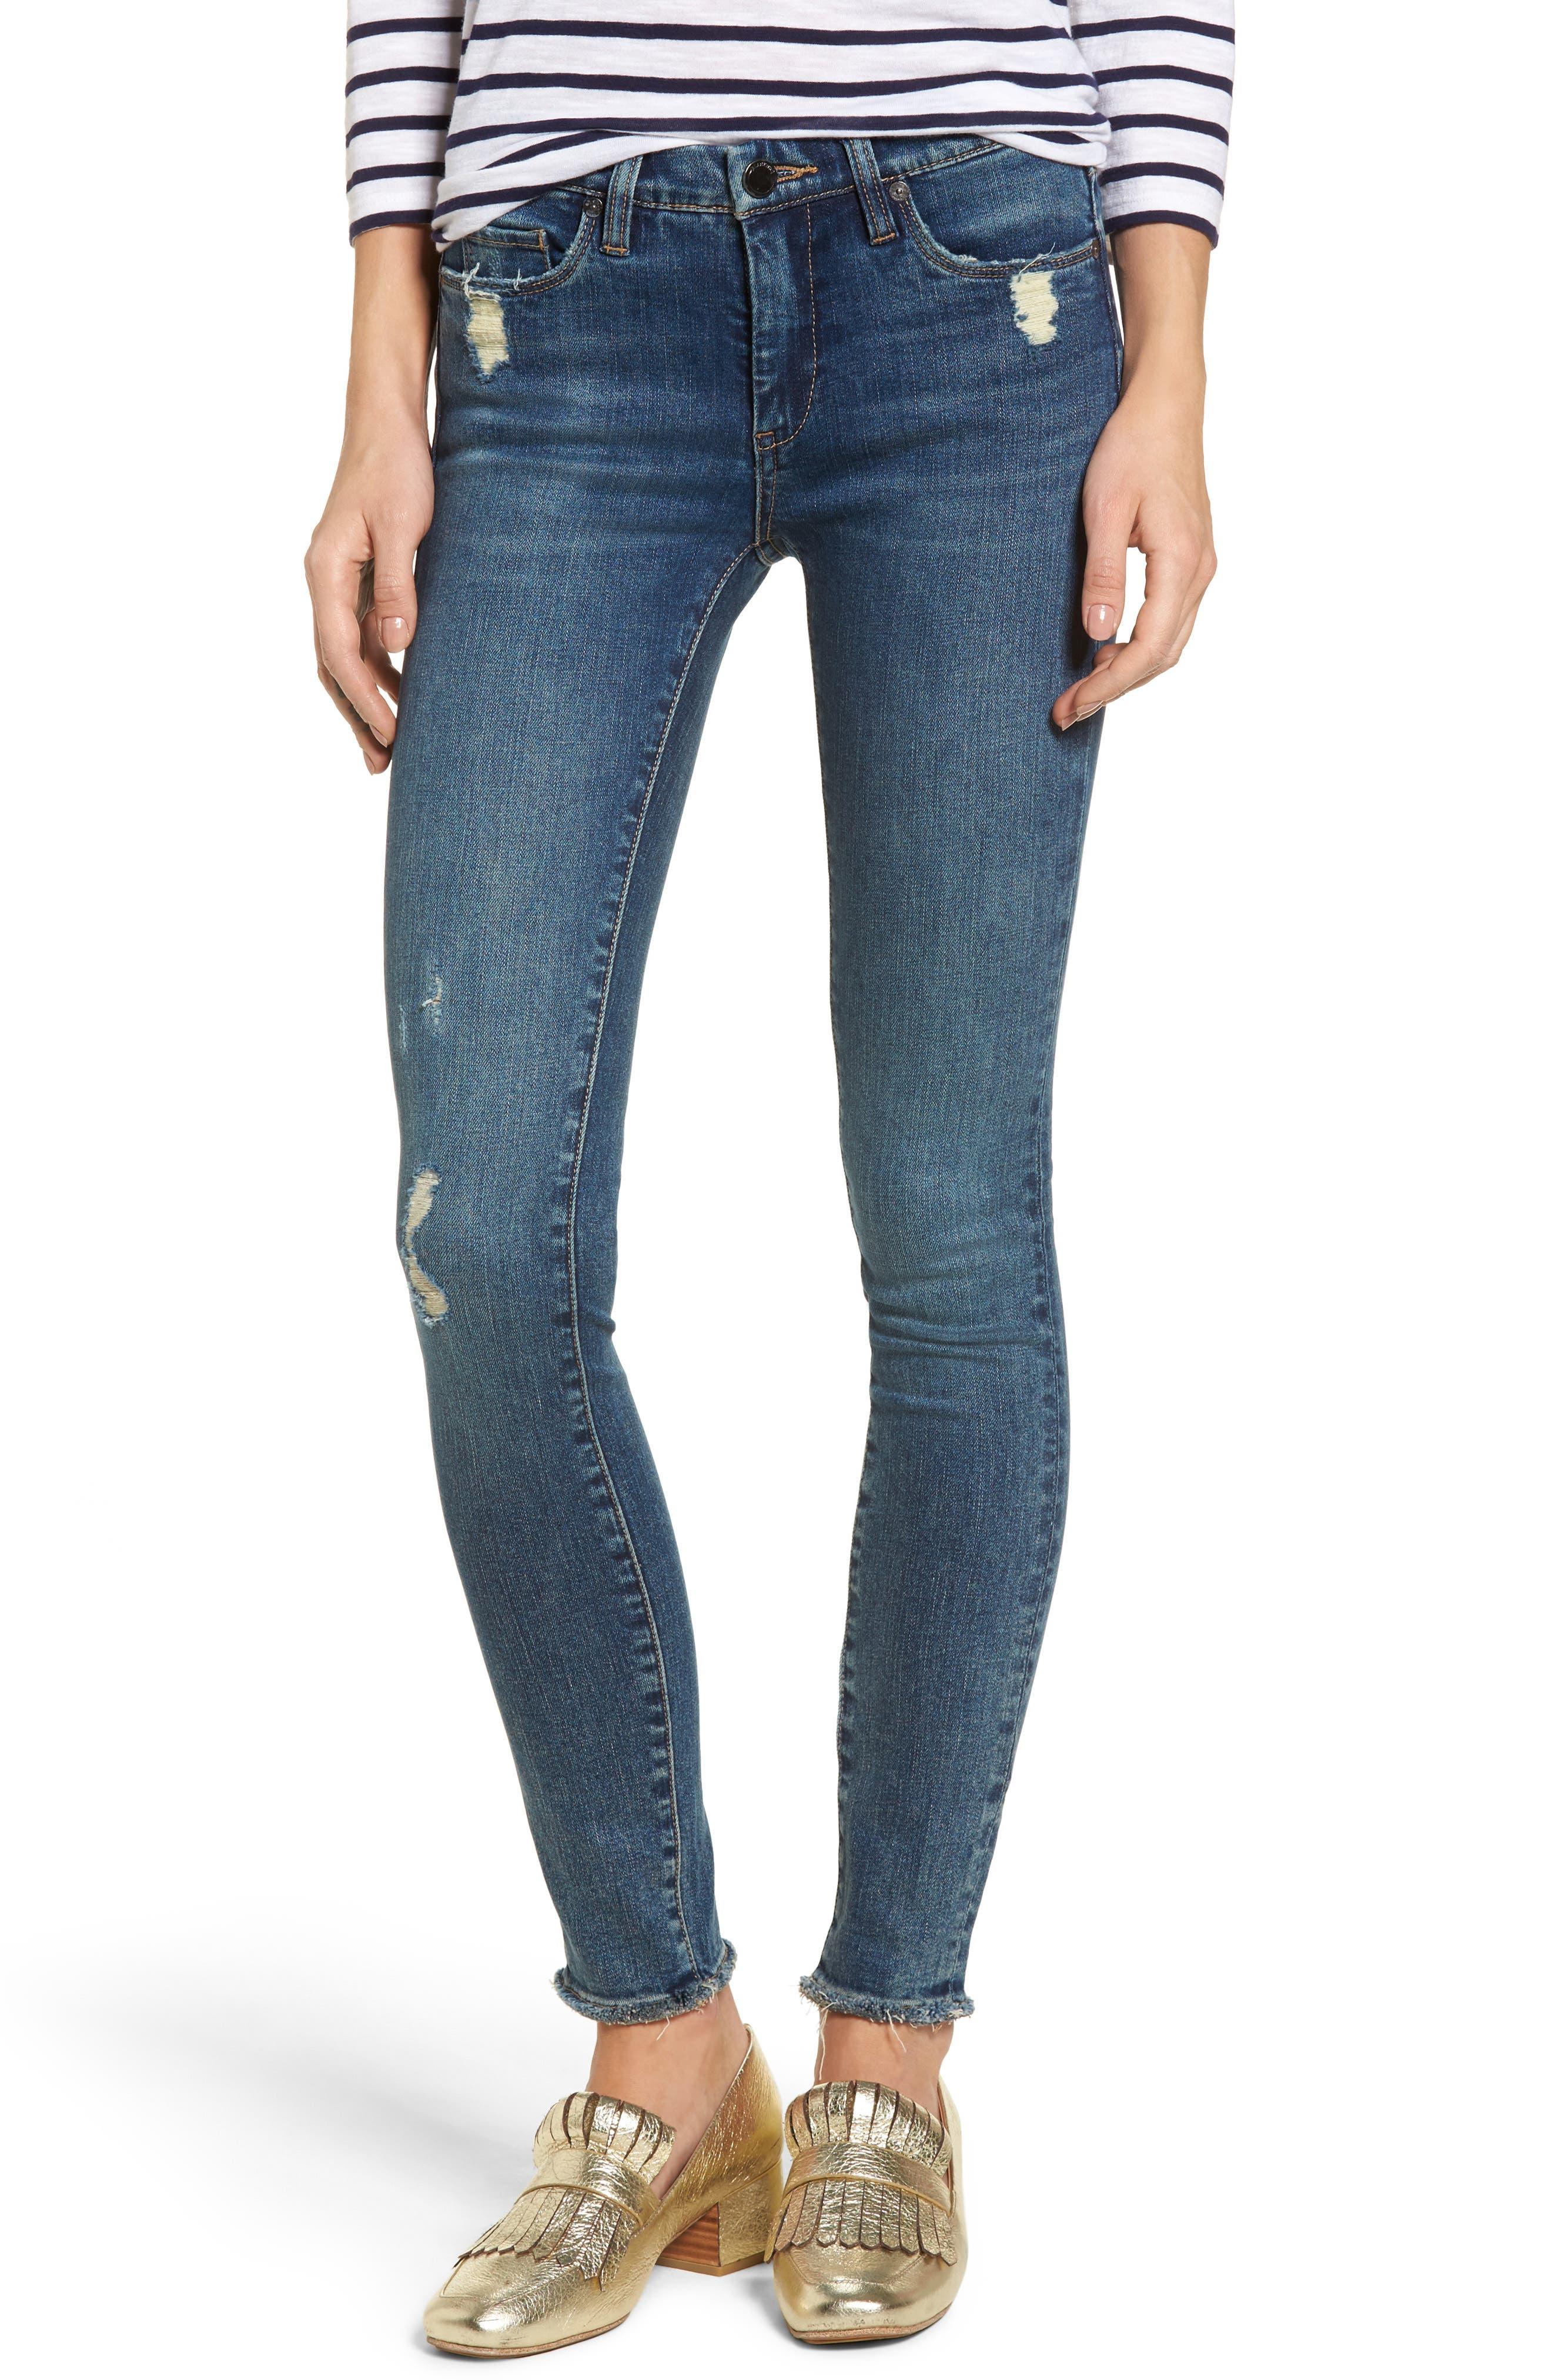 BLANKNYC Mind Games Distressed Skinny Jeans